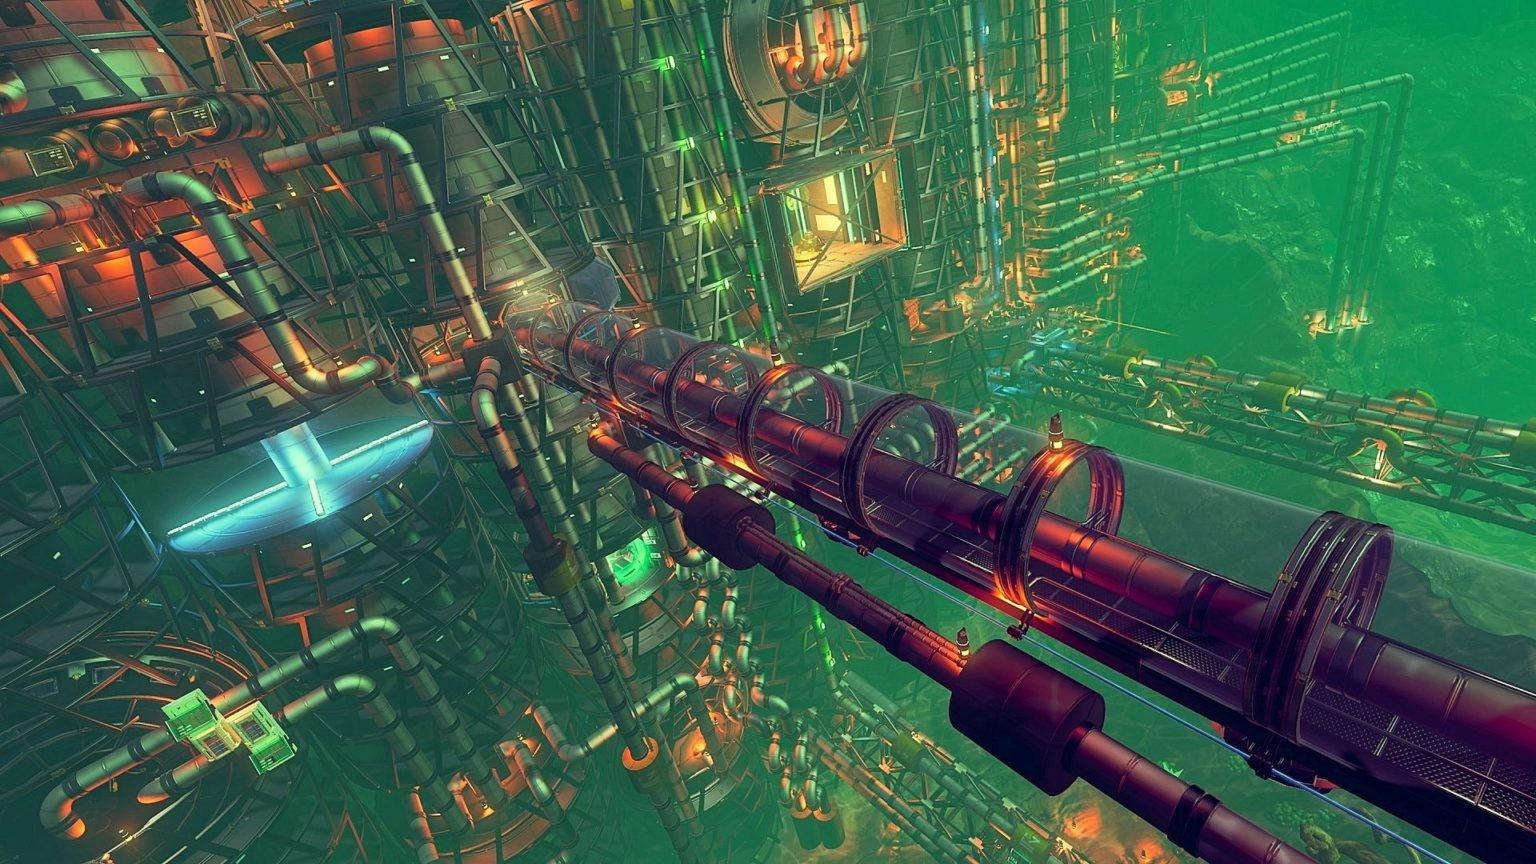 《无人深空》玩家打造超大海底基地 规模远超官方极限